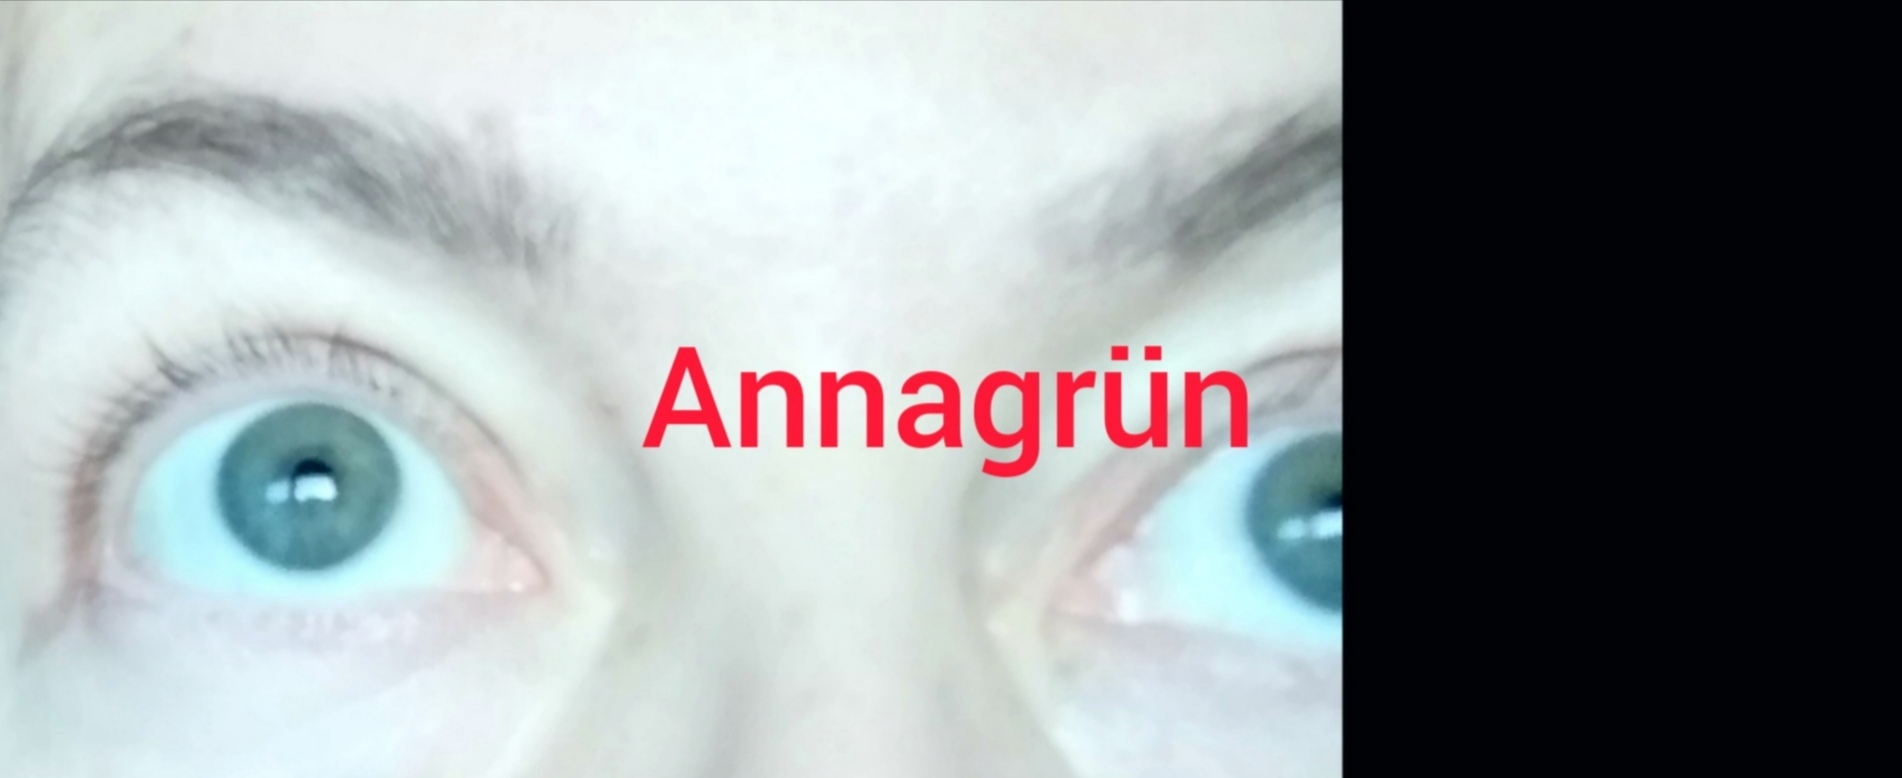 Annagrün